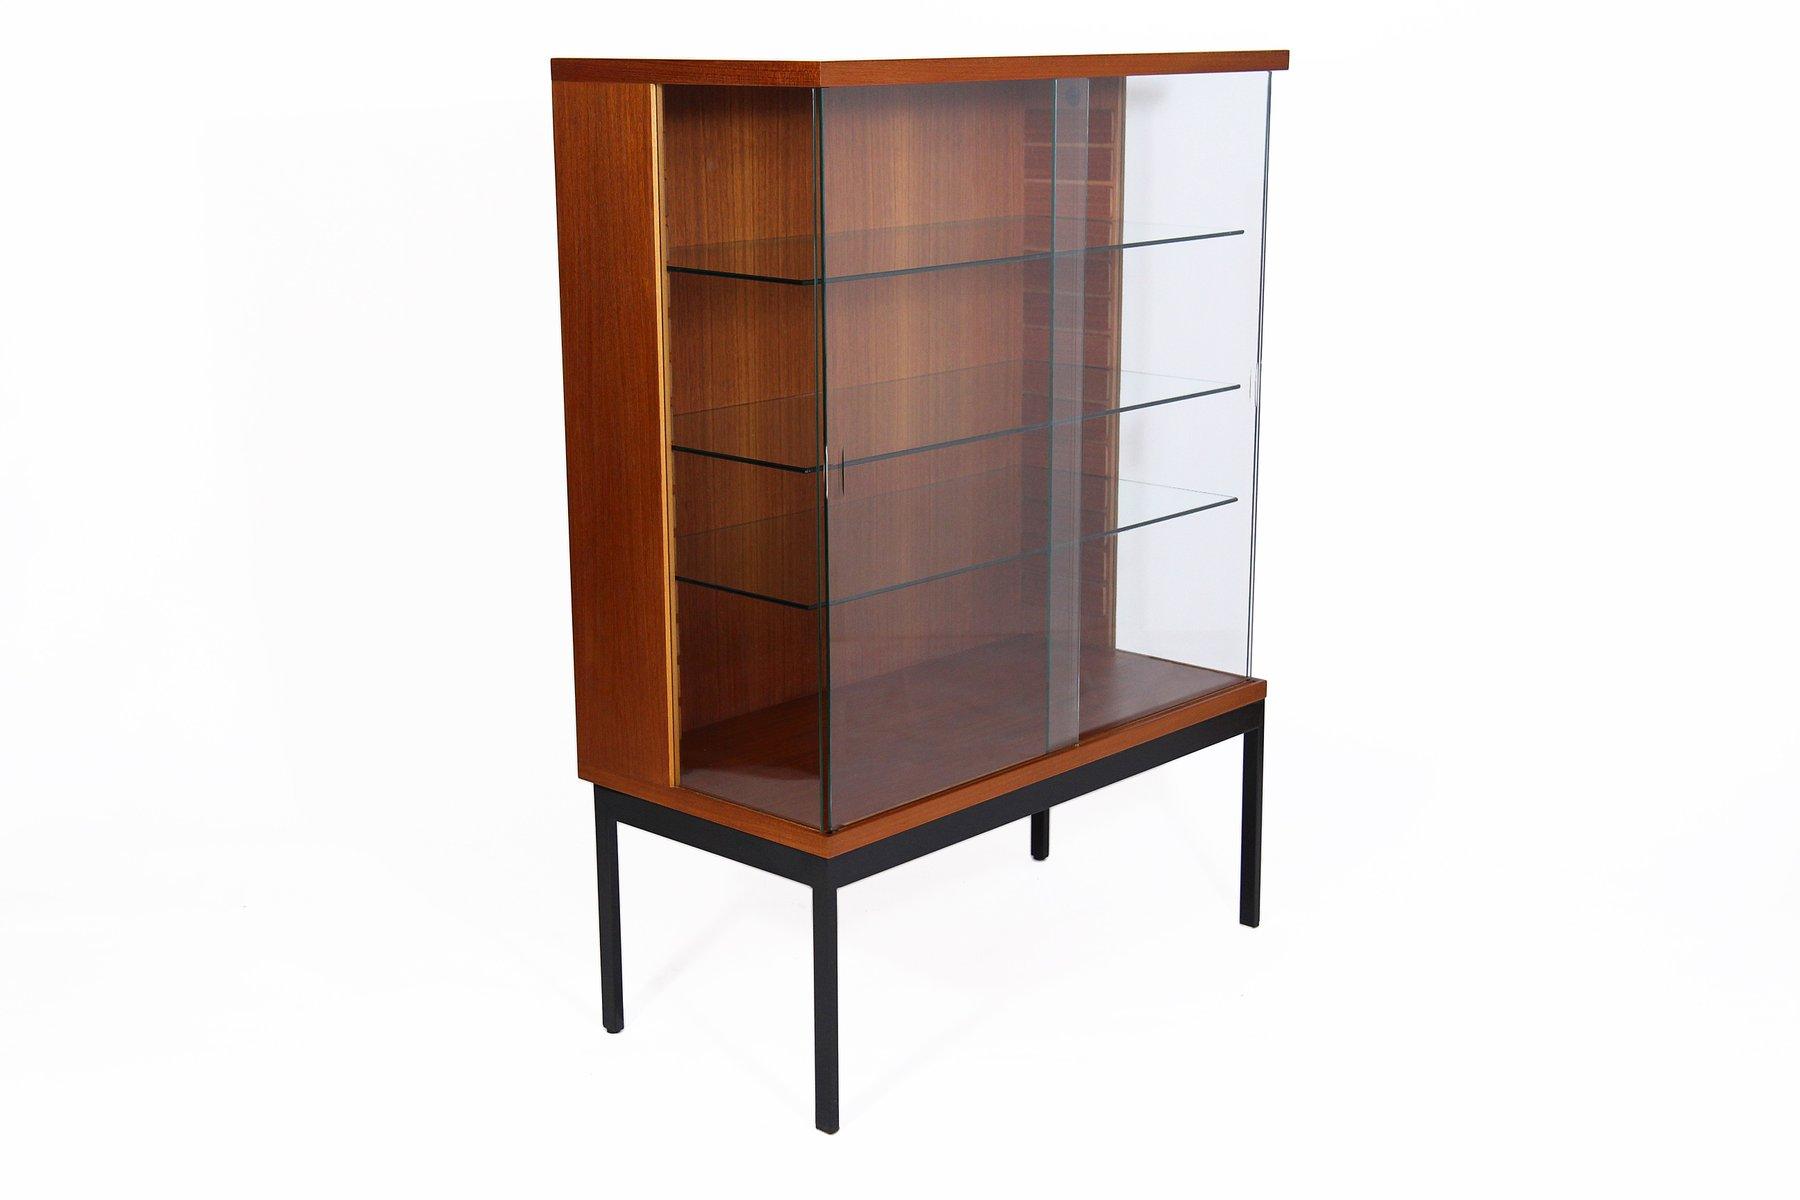 vitrine aus teak von dieter waeckerlin f r behr m bel 1958 bei pamono kaufen. Black Bedroom Furniture Sets. Home Design Ideas